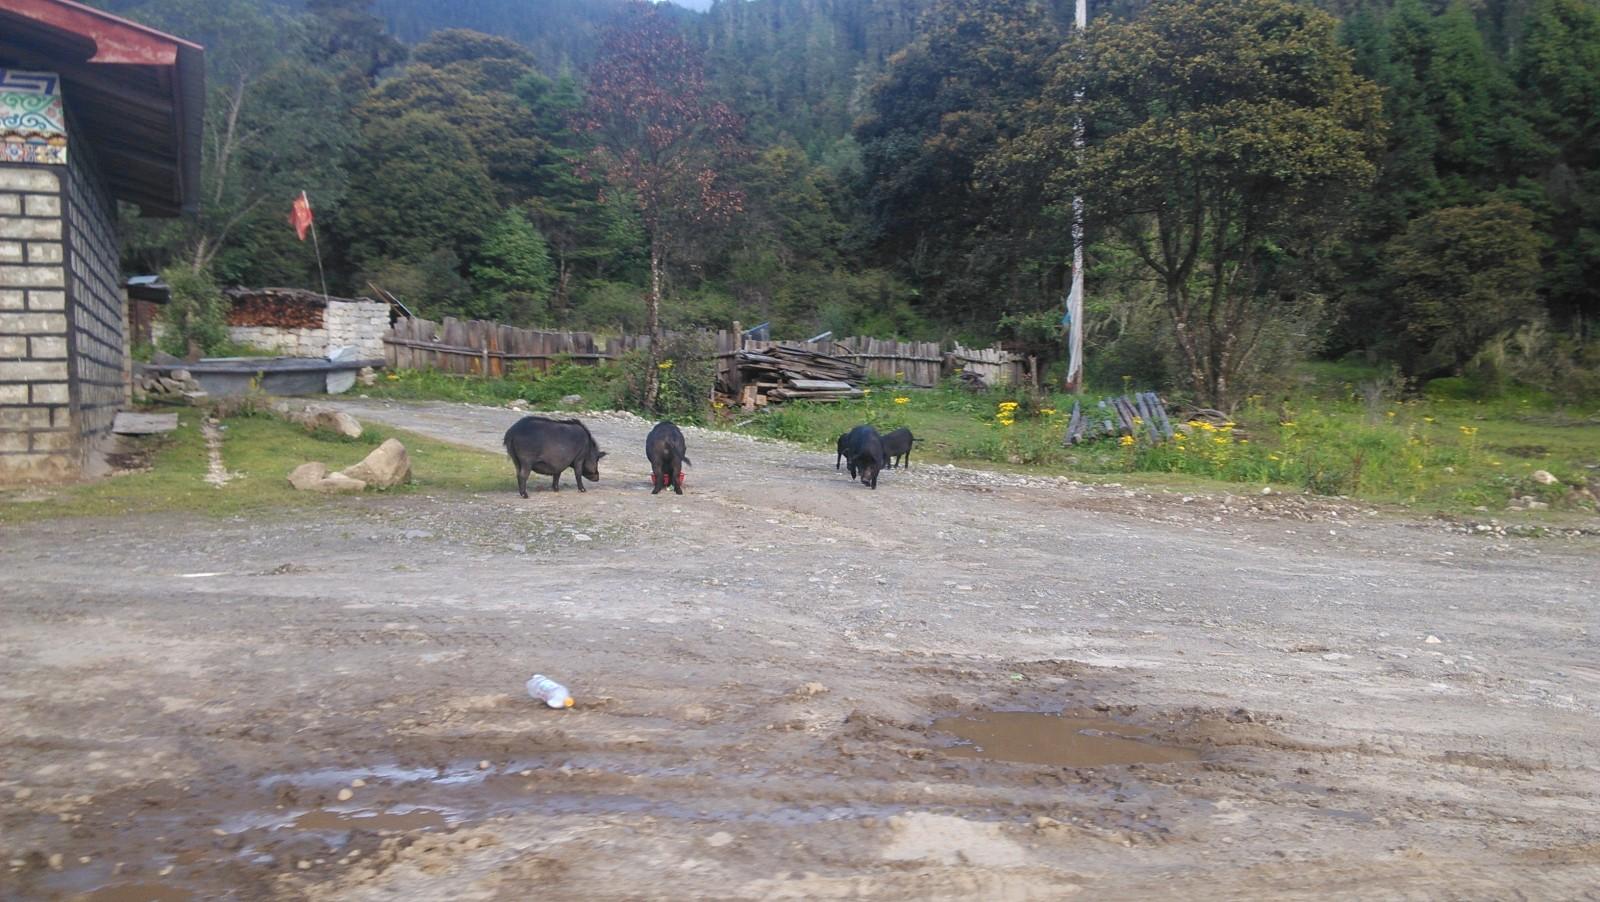 几头猪在路上散步